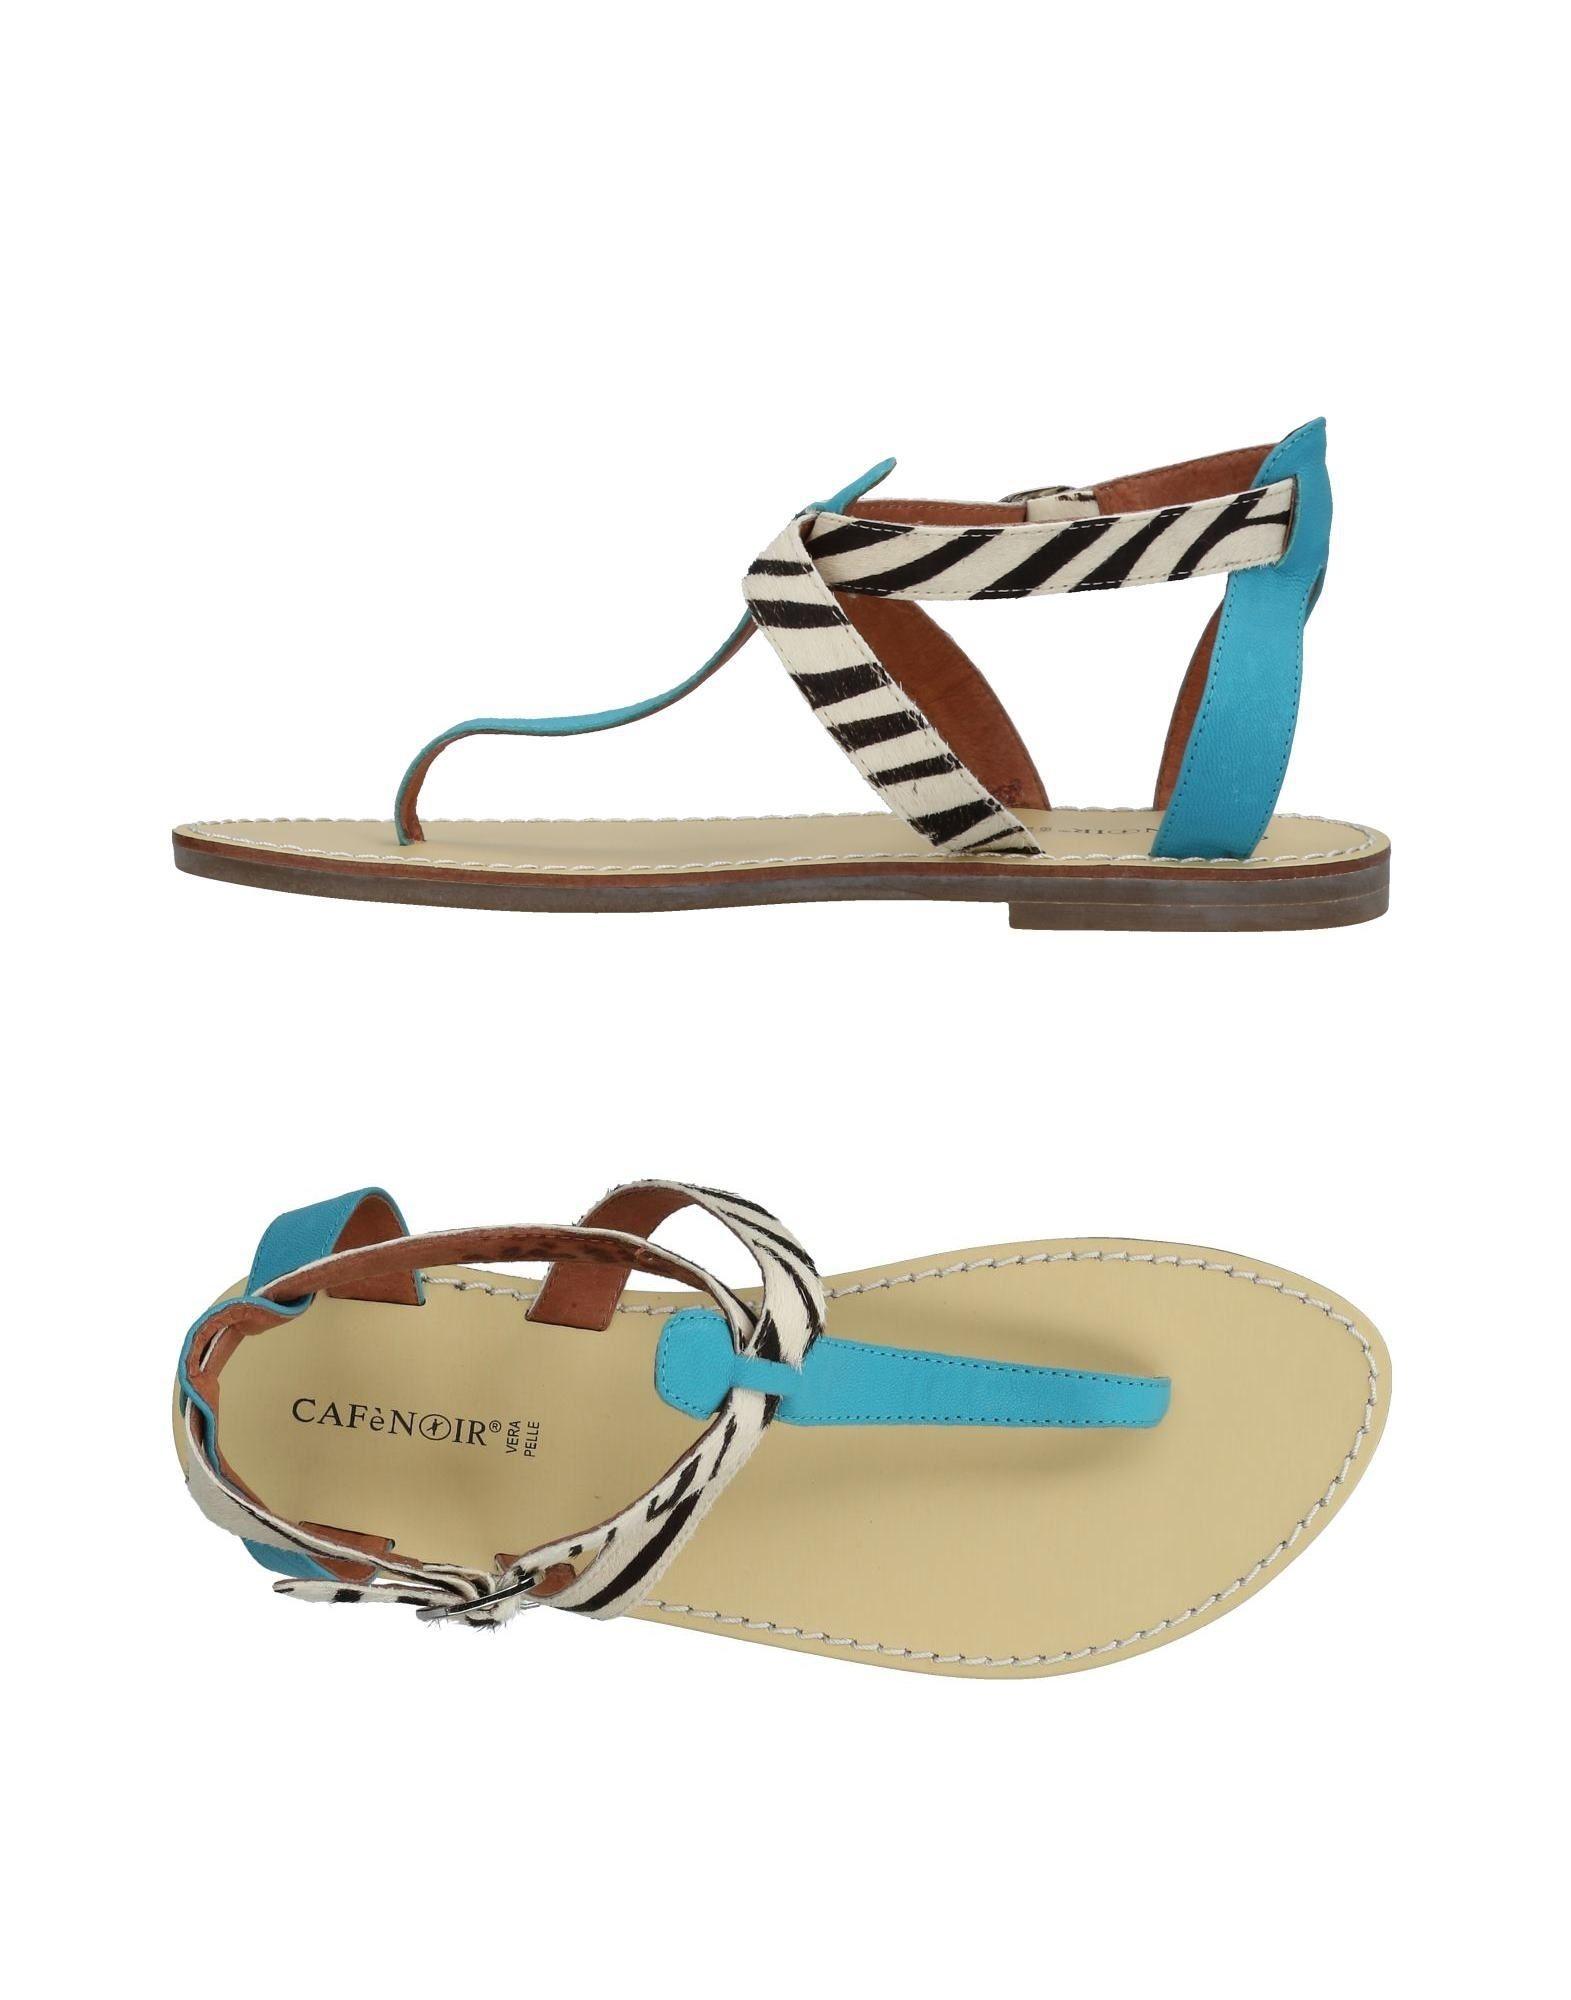 Cafènoir Dianetten Damen  11412055TF Gute Qualität beliebte Schuhe